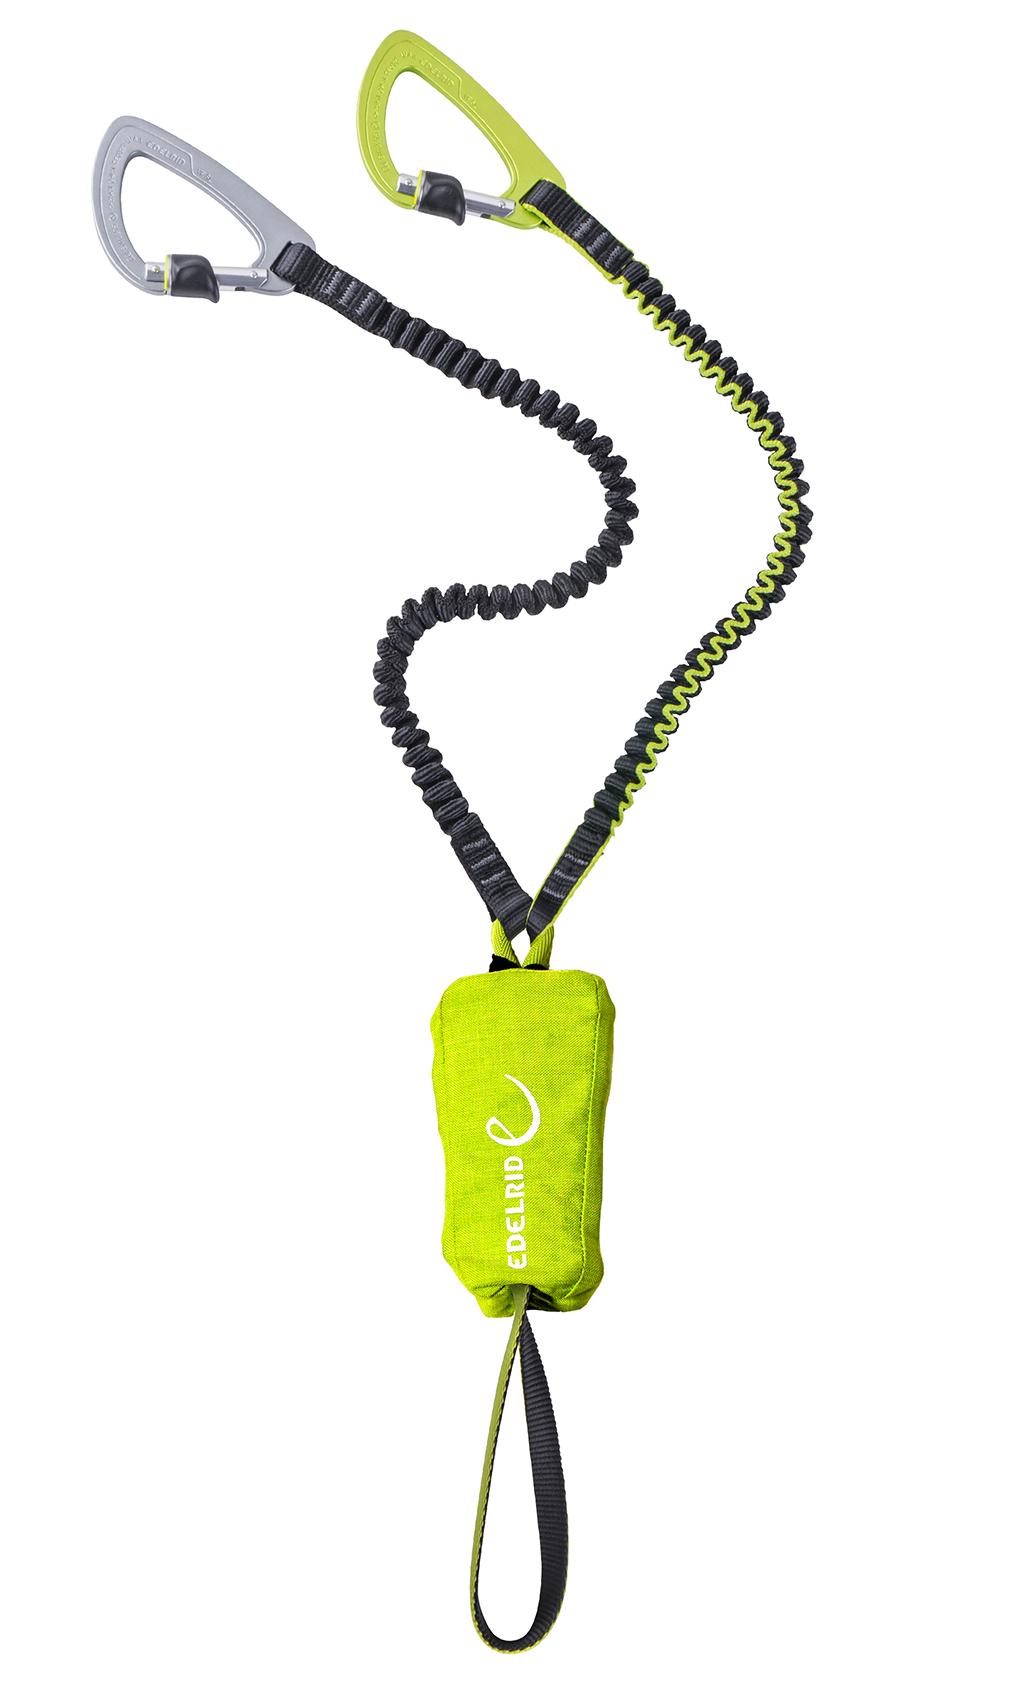 EDELRID Cable Kit Ultralite 5.0 Klettersteigset